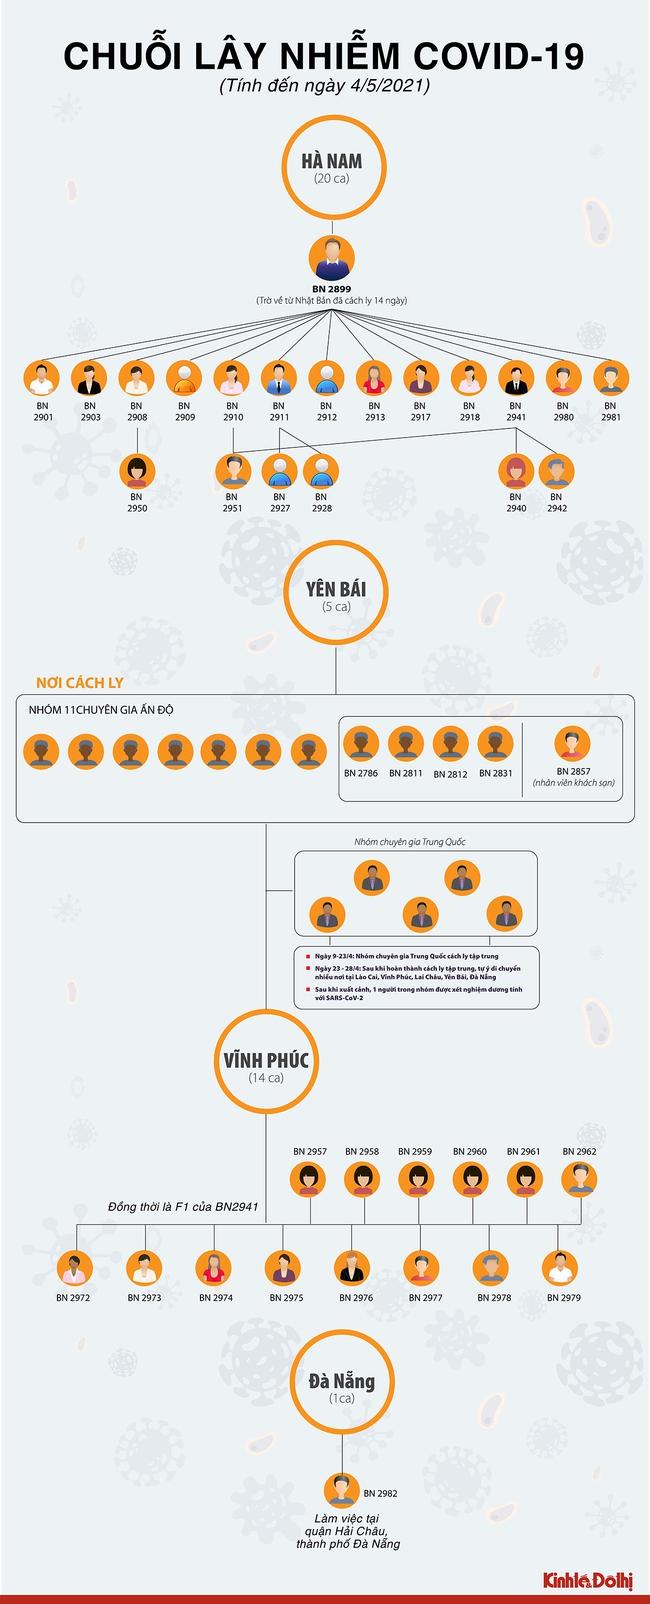 [Infographic] Các chuỗi lây nhiễm Covid-19 trong cộng đồng tại Việt Nam hiện nay - Ảnh 1.